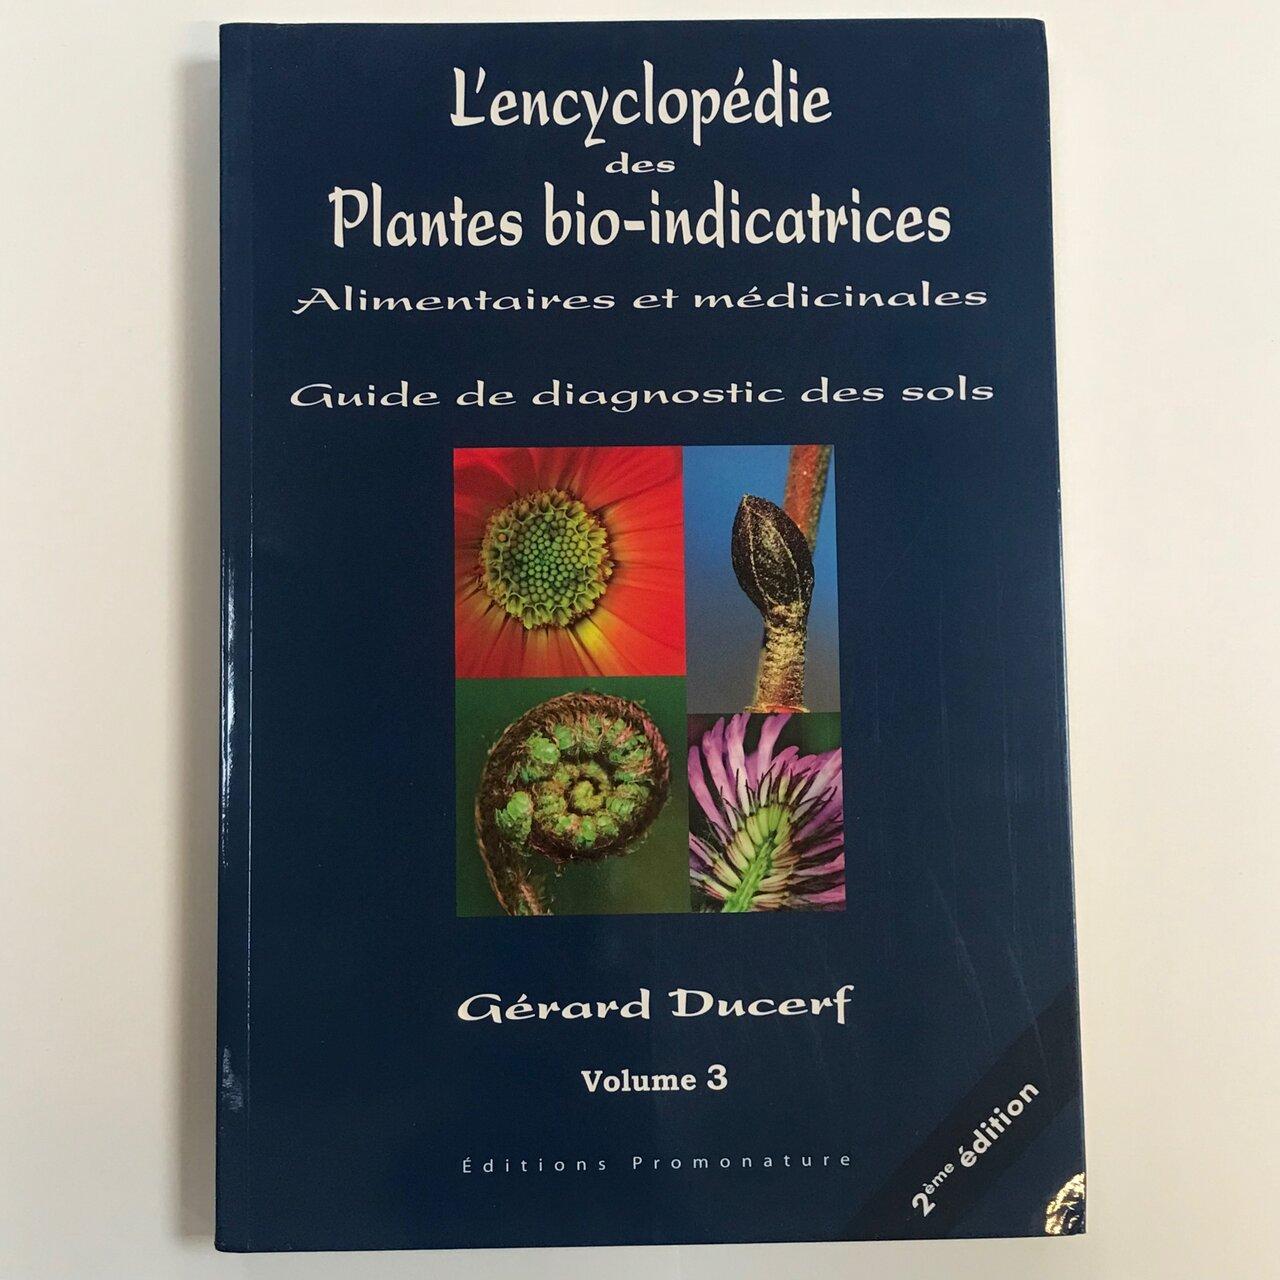 Connaissance des Plantes - L'Encyclopédie des Plantes Bio-indicatrices, Volume 3